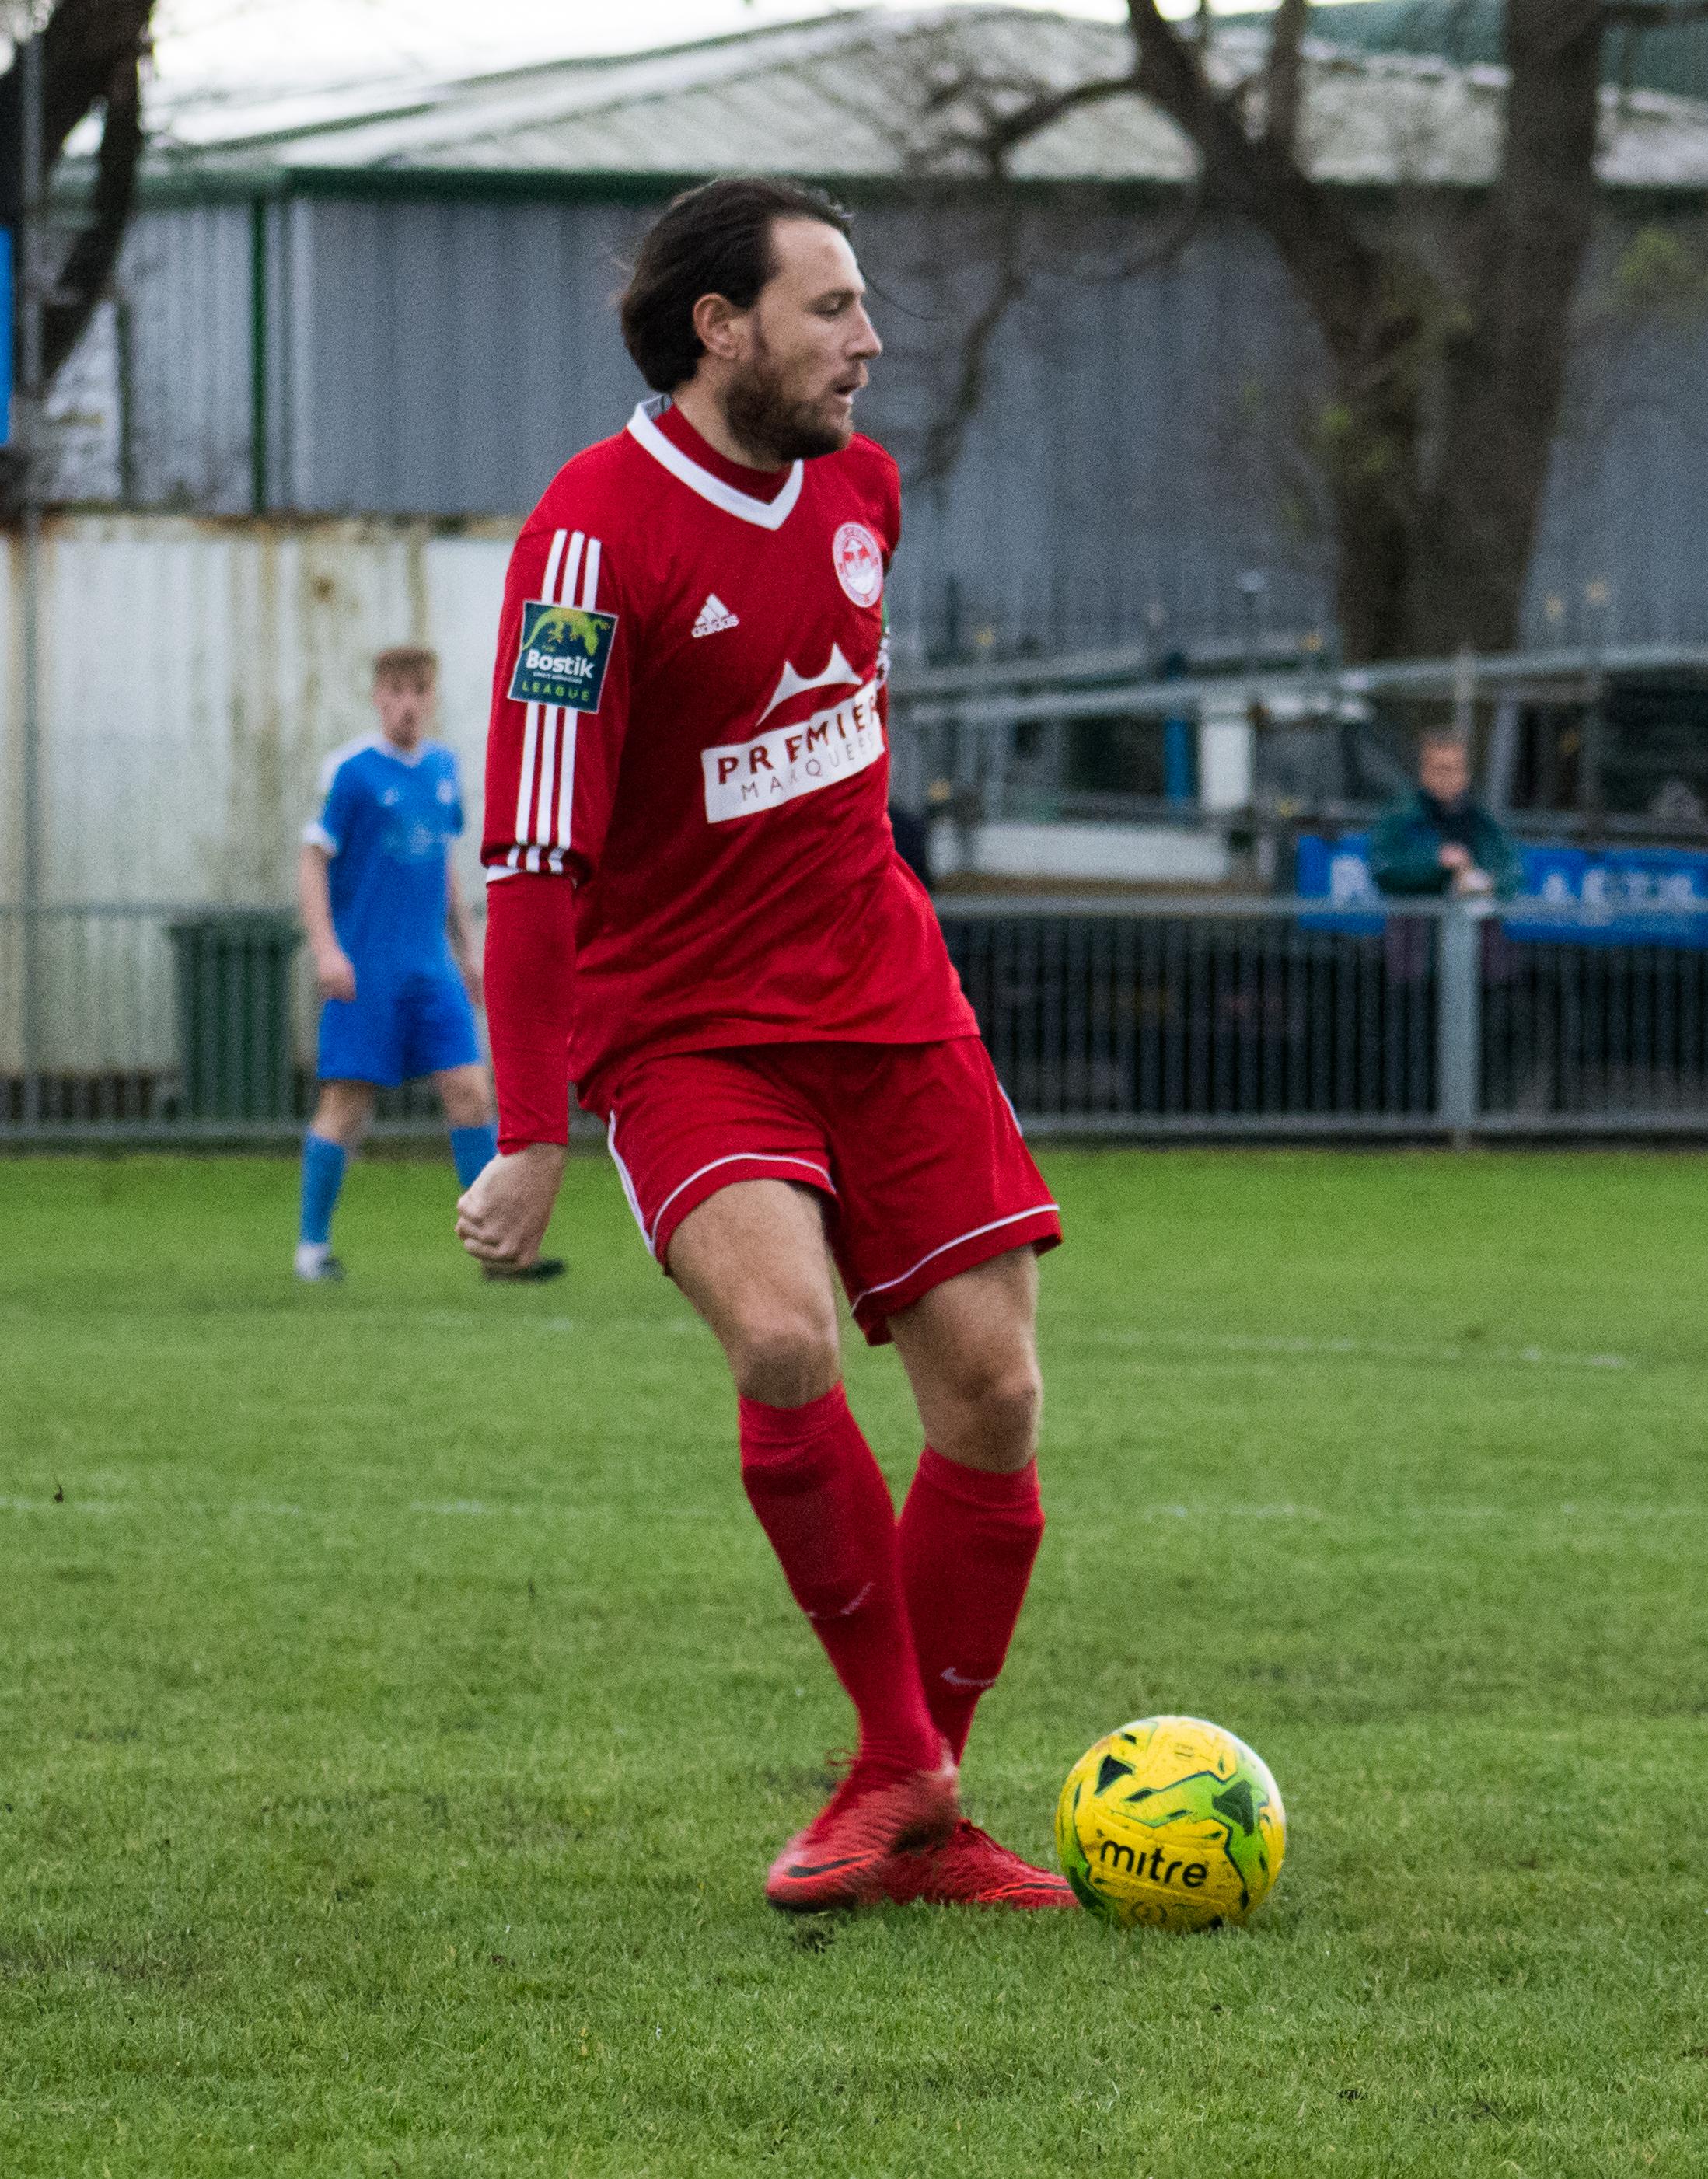 Shoreham FC vs Hythe Town 11.11.17 25